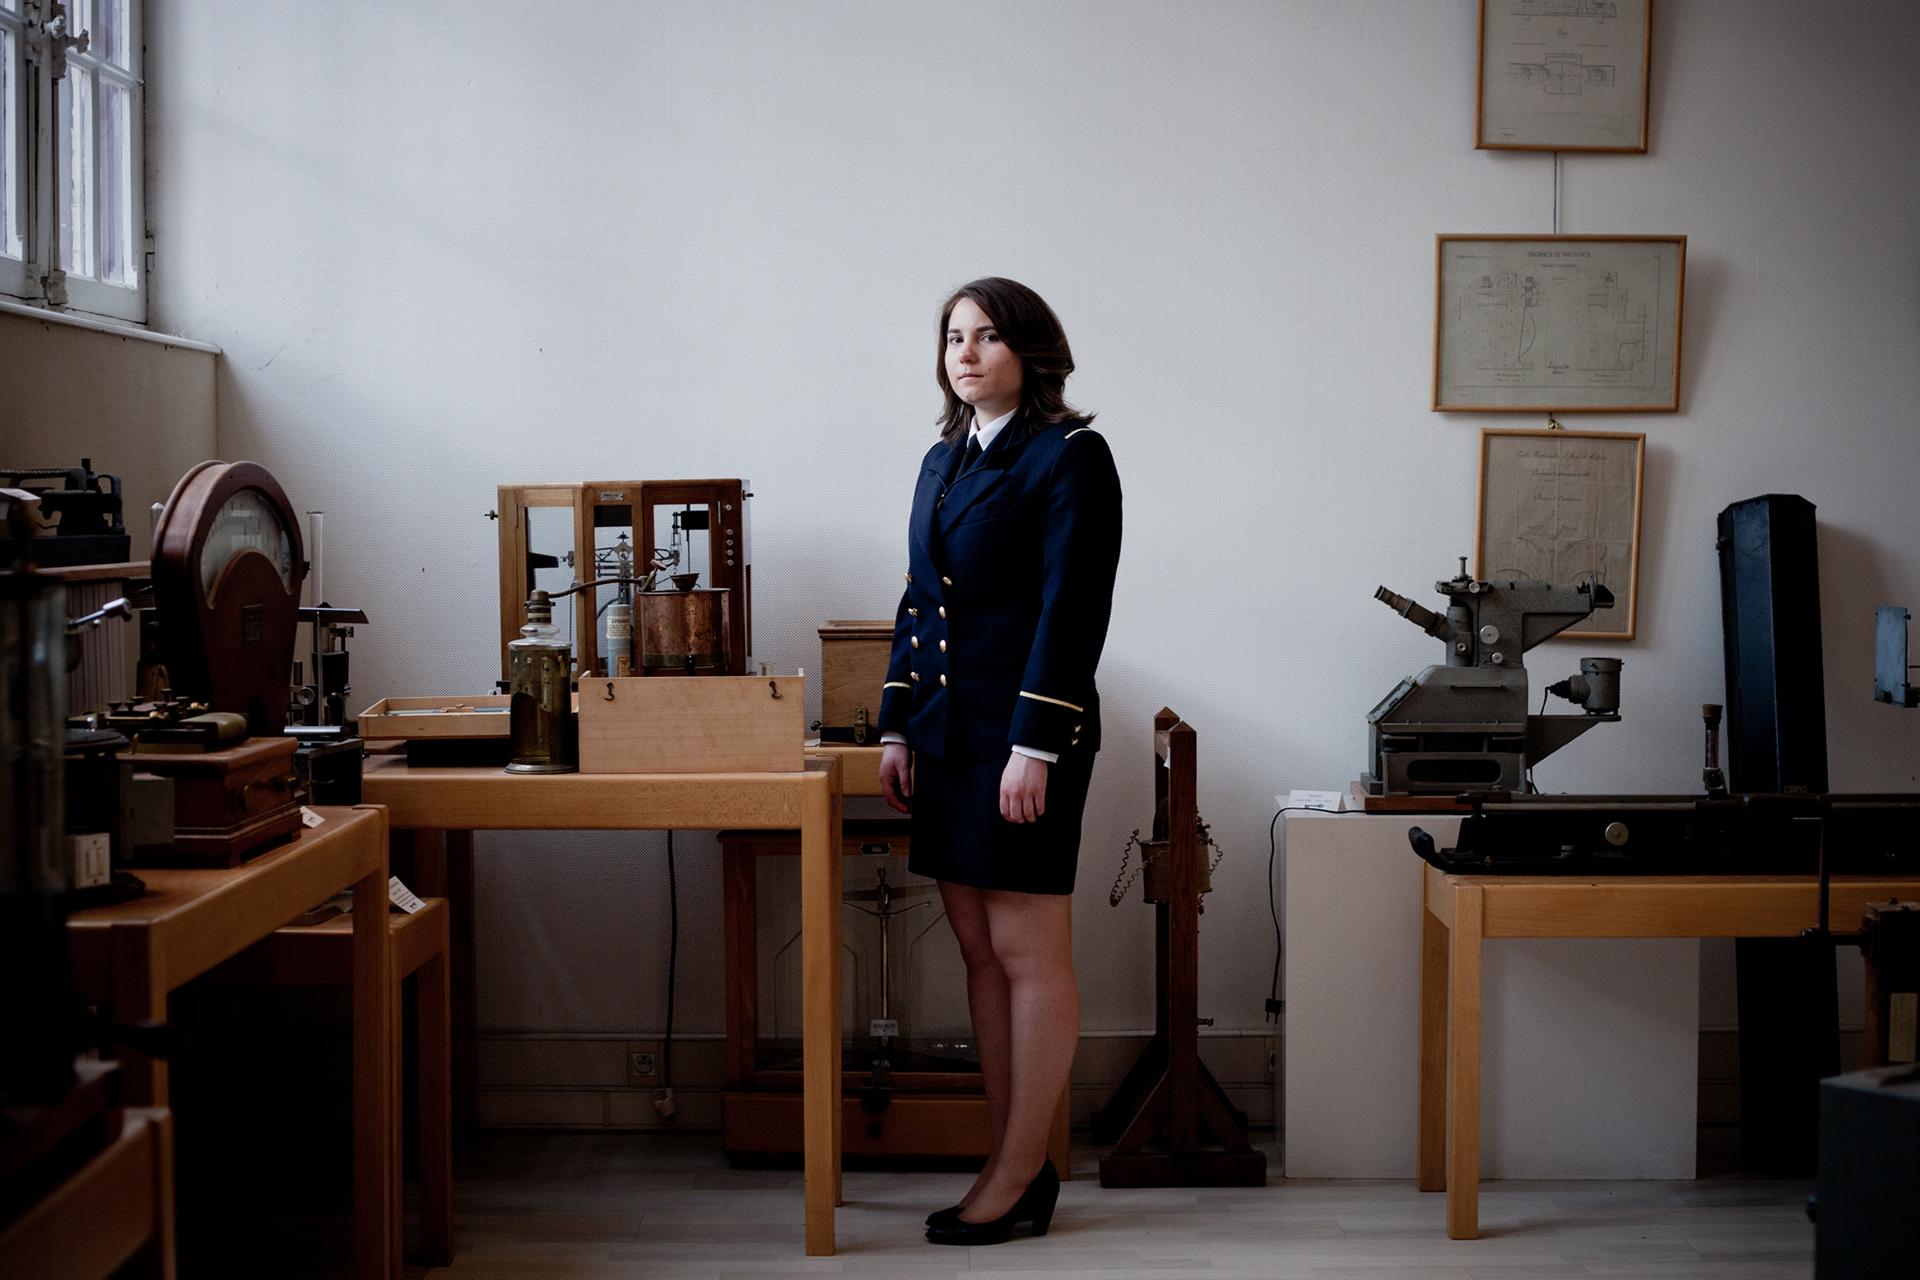 La présidente de l'association des élèves dans le musée de l'école.Centre d'enseignement de Cluny, Octobre 2012.